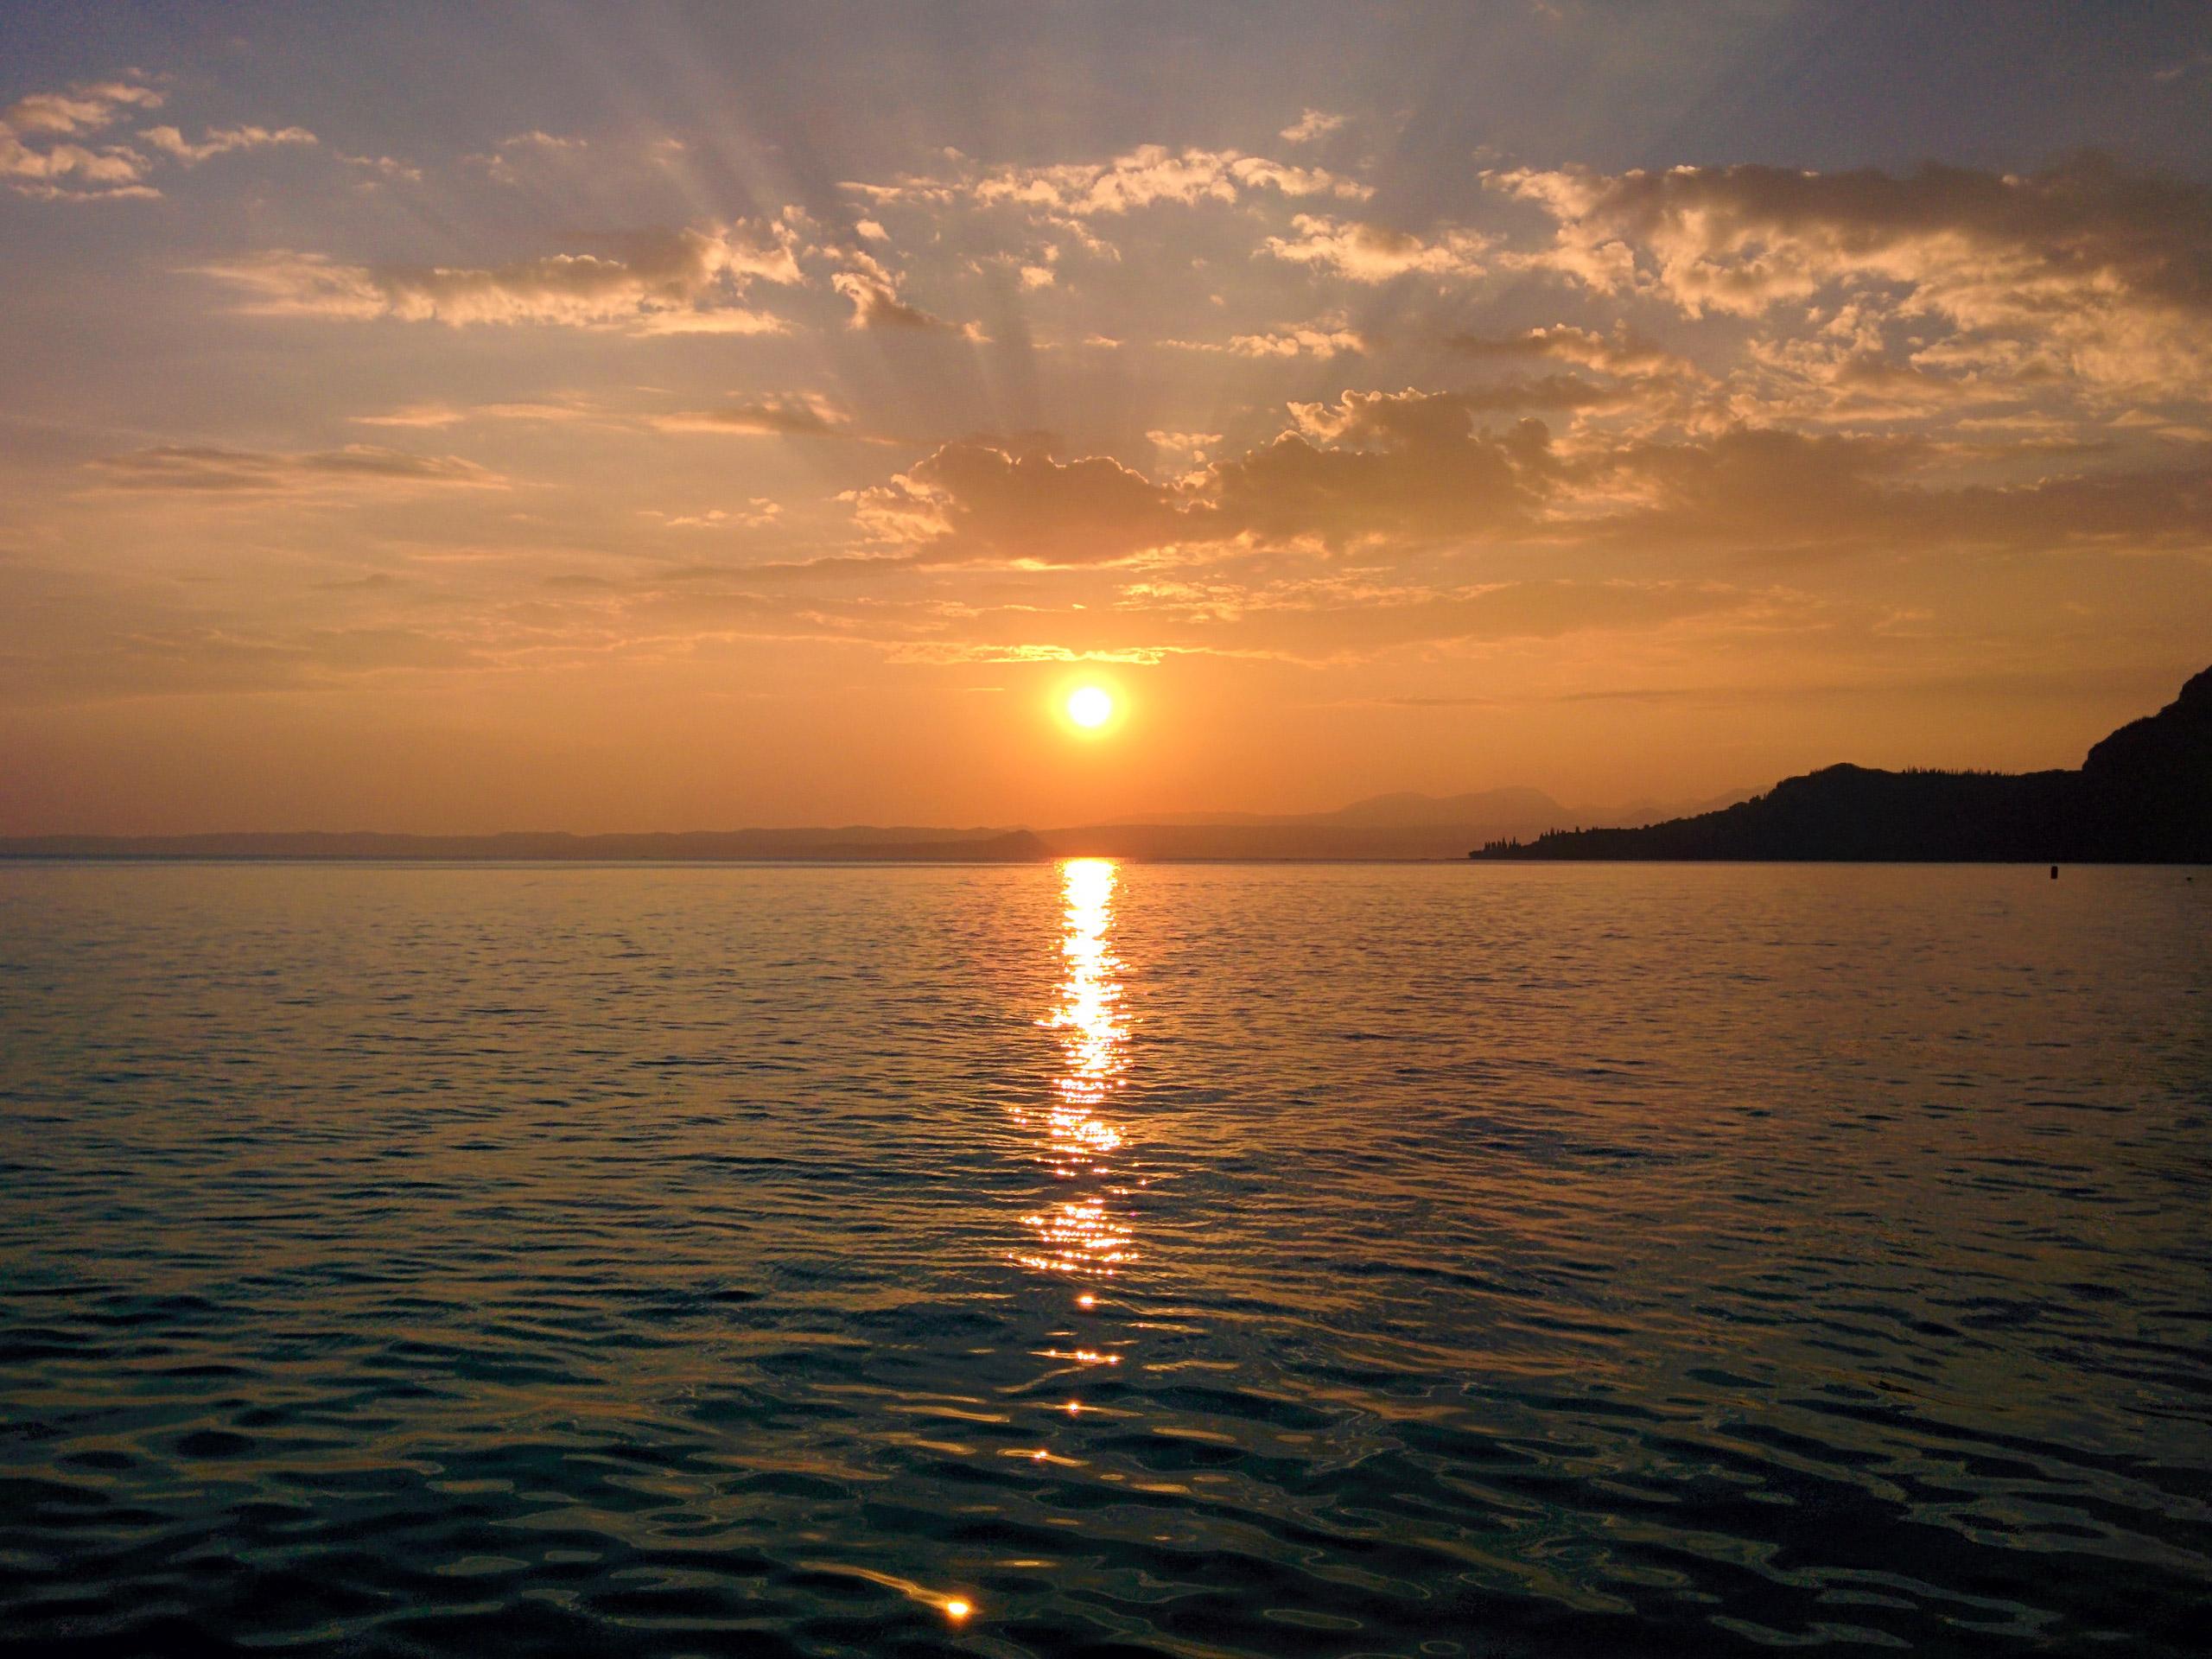 Sunset on the Lake Garda